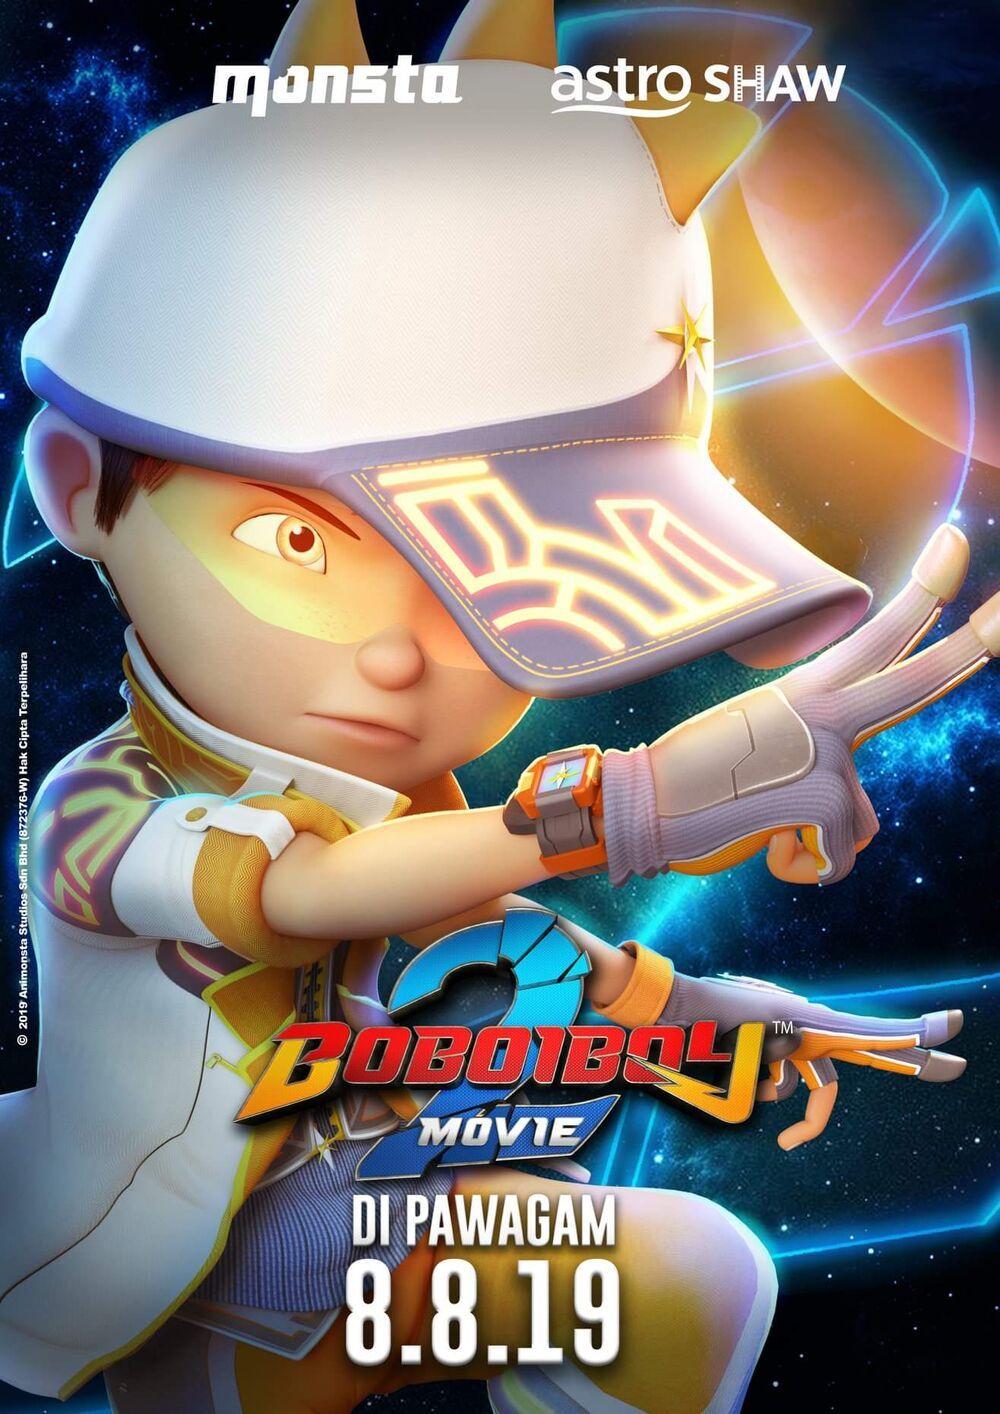 Boboiboy Movie 2 Boboiboy Wiki Fandom Galaxy Movie Cute Galaxy Wallpaper Boboiboy Galaxy